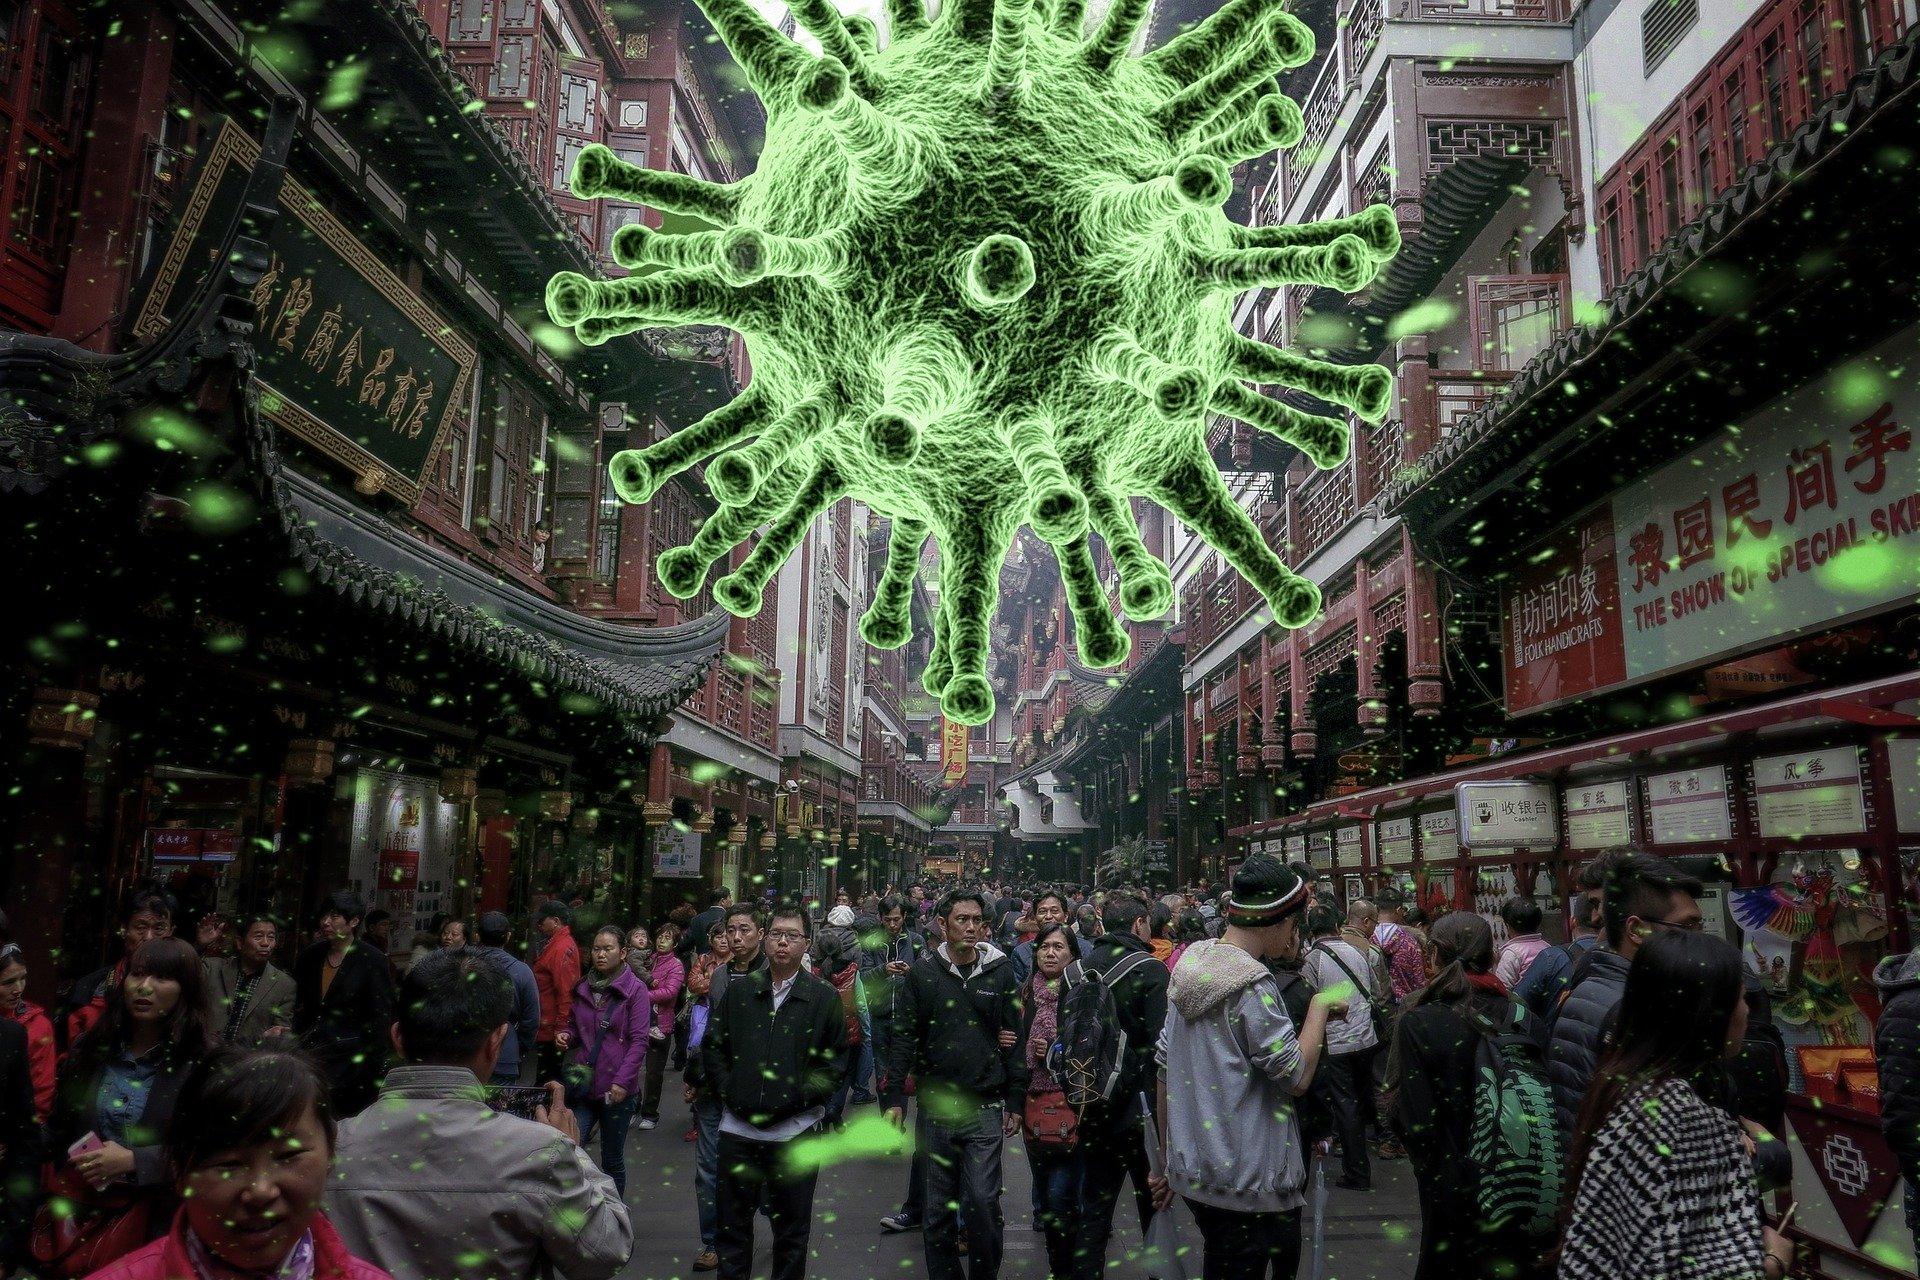 Corona Pandemie = Chance für die Welt